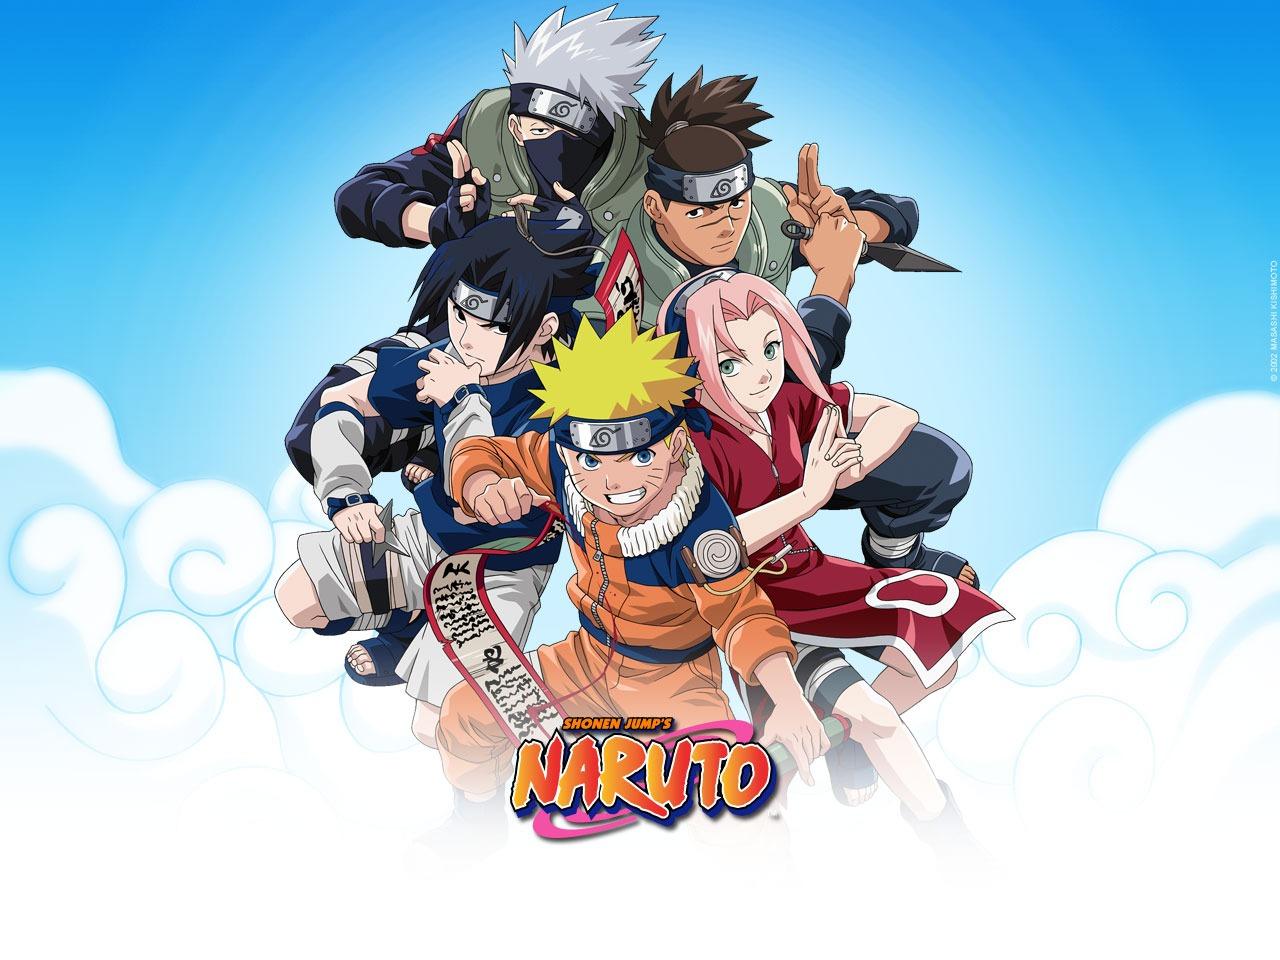 Cool Wallpaper Naruto Anime - naruto_wallpaper_naruto_anime_animated_654  Perfect Image Reference_689557.jpg